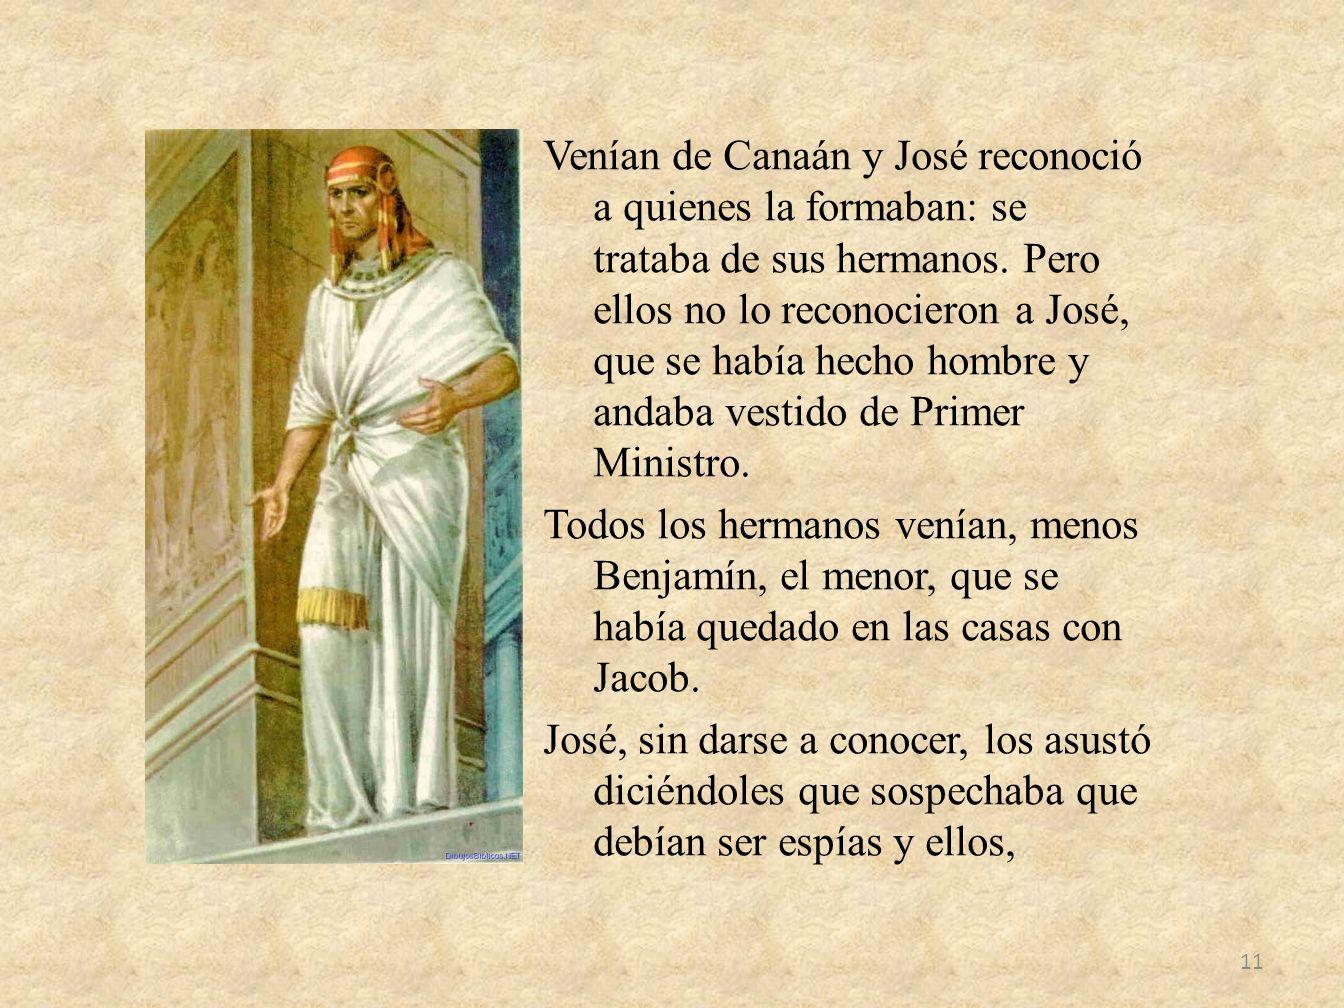 Venían de Canaán y José reconoció a quienes la formaban: se trataba de sus hermanos. Pero ellos no lo reconocieron a José, que se había hecho hombre y